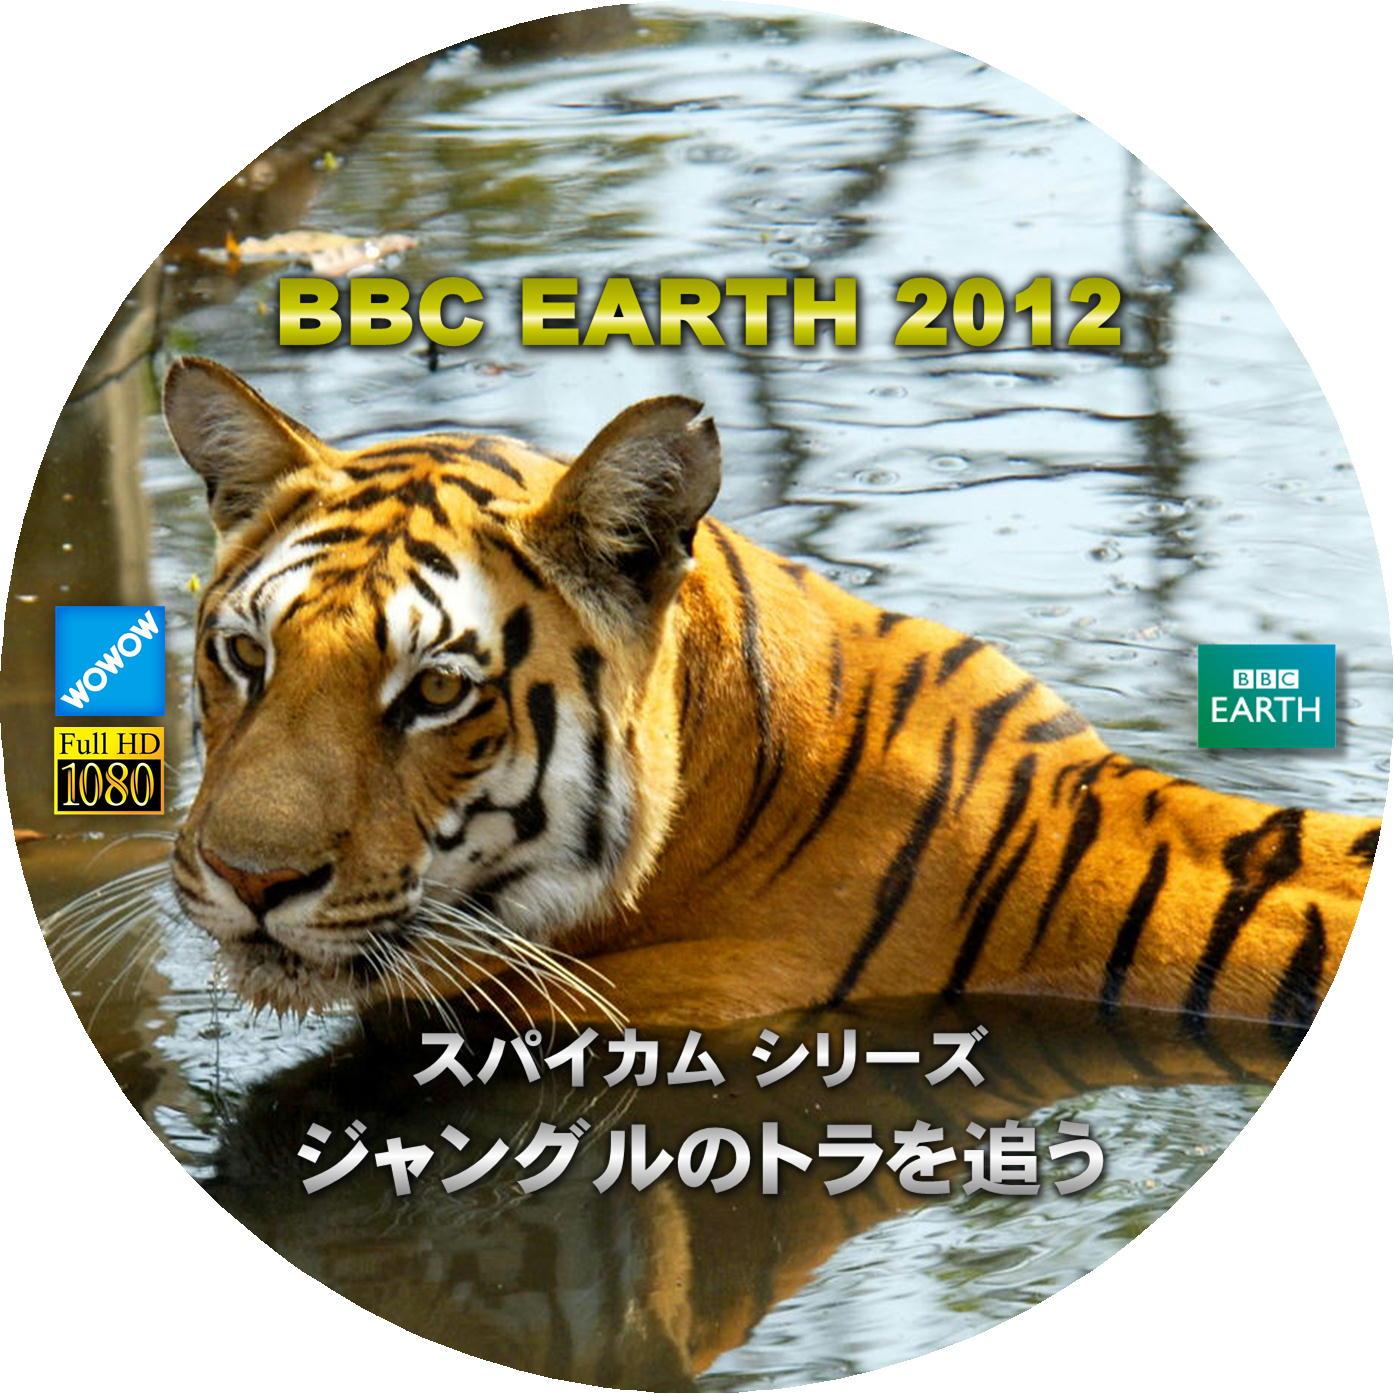 BBC EARTH 2012 ジャングルのトラを追う DVDラベル